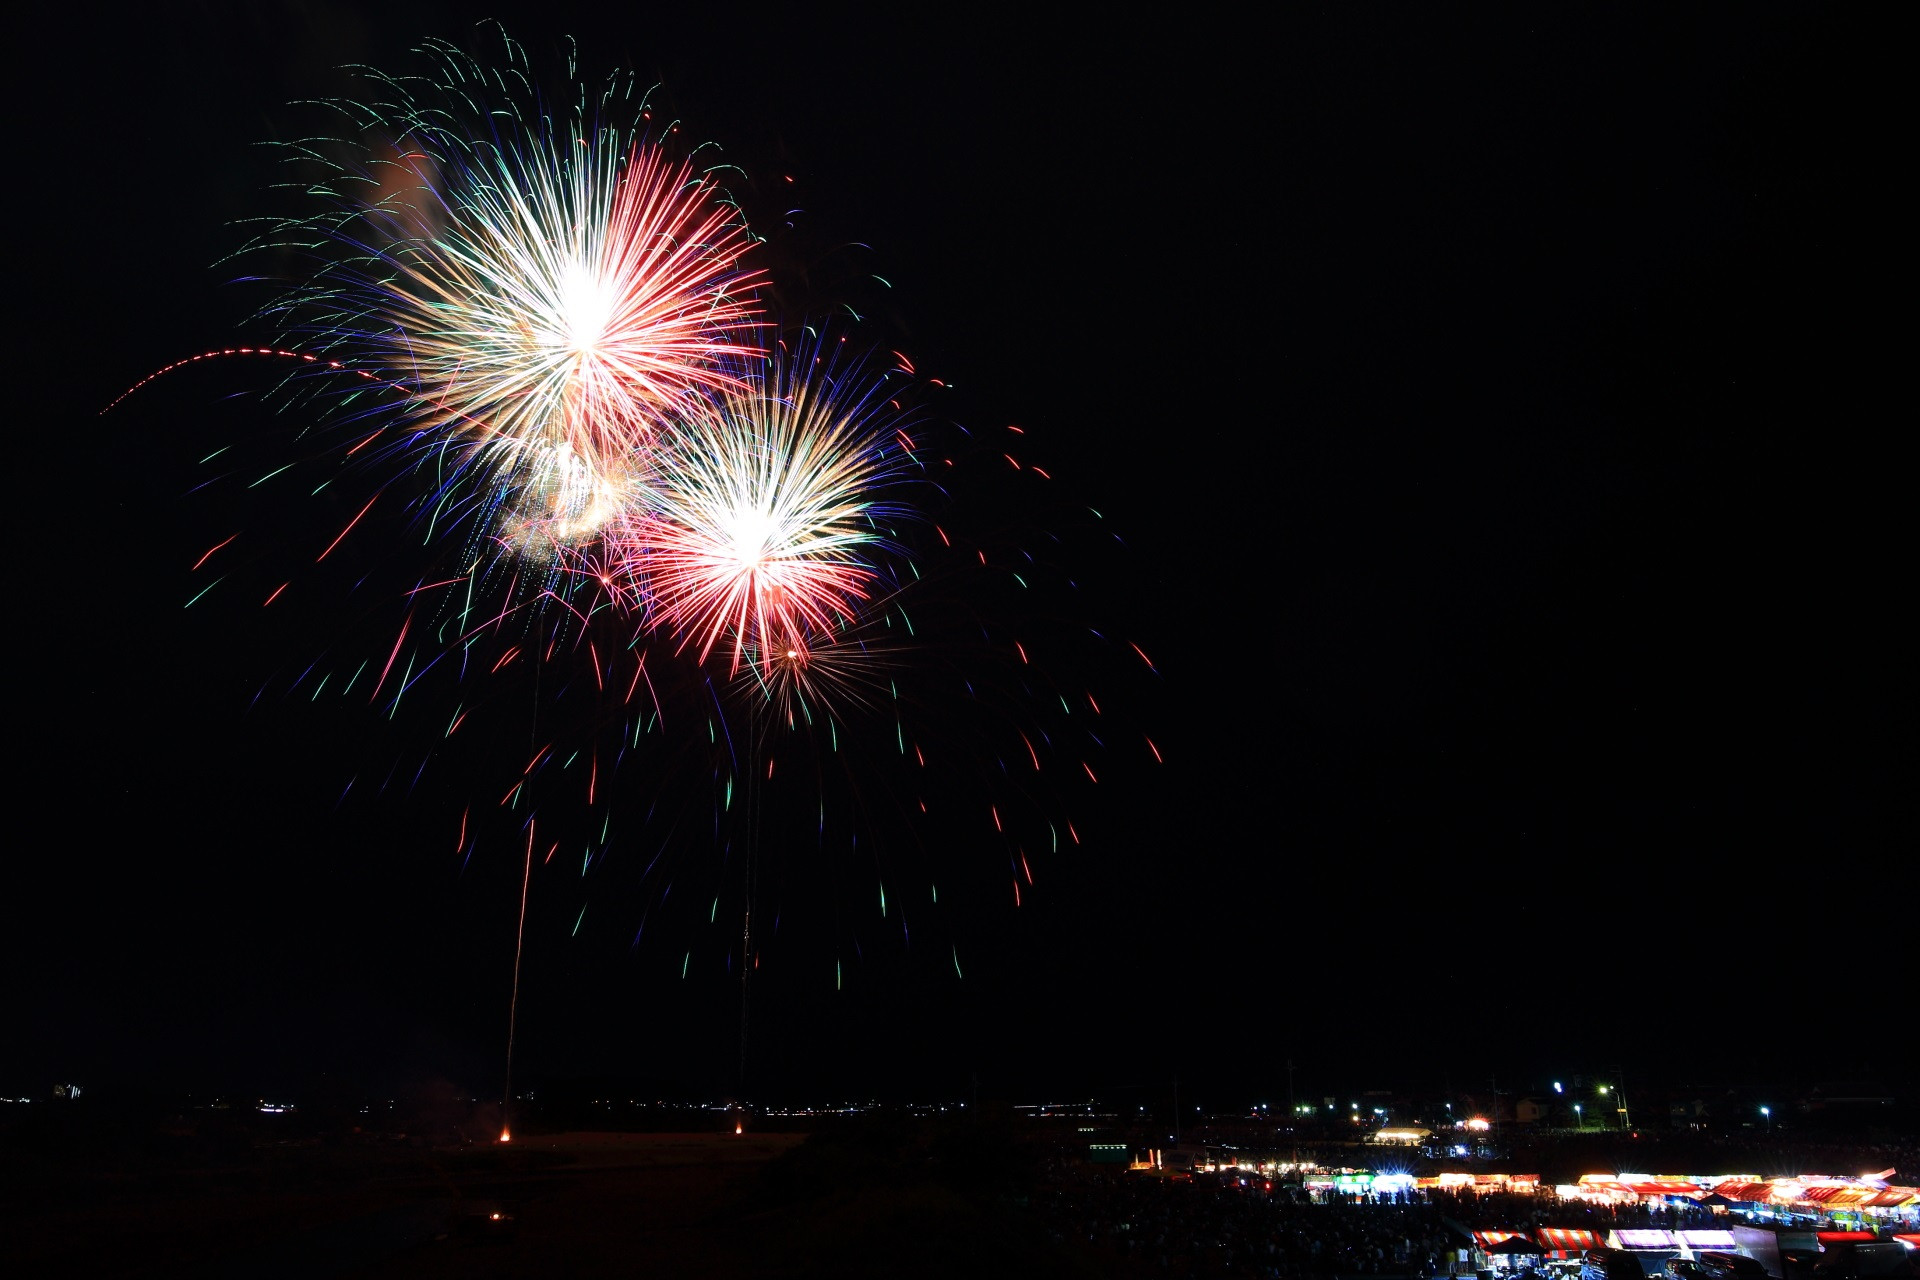 保津川に降り注ぐ亀岡のカラフルな花火の雨